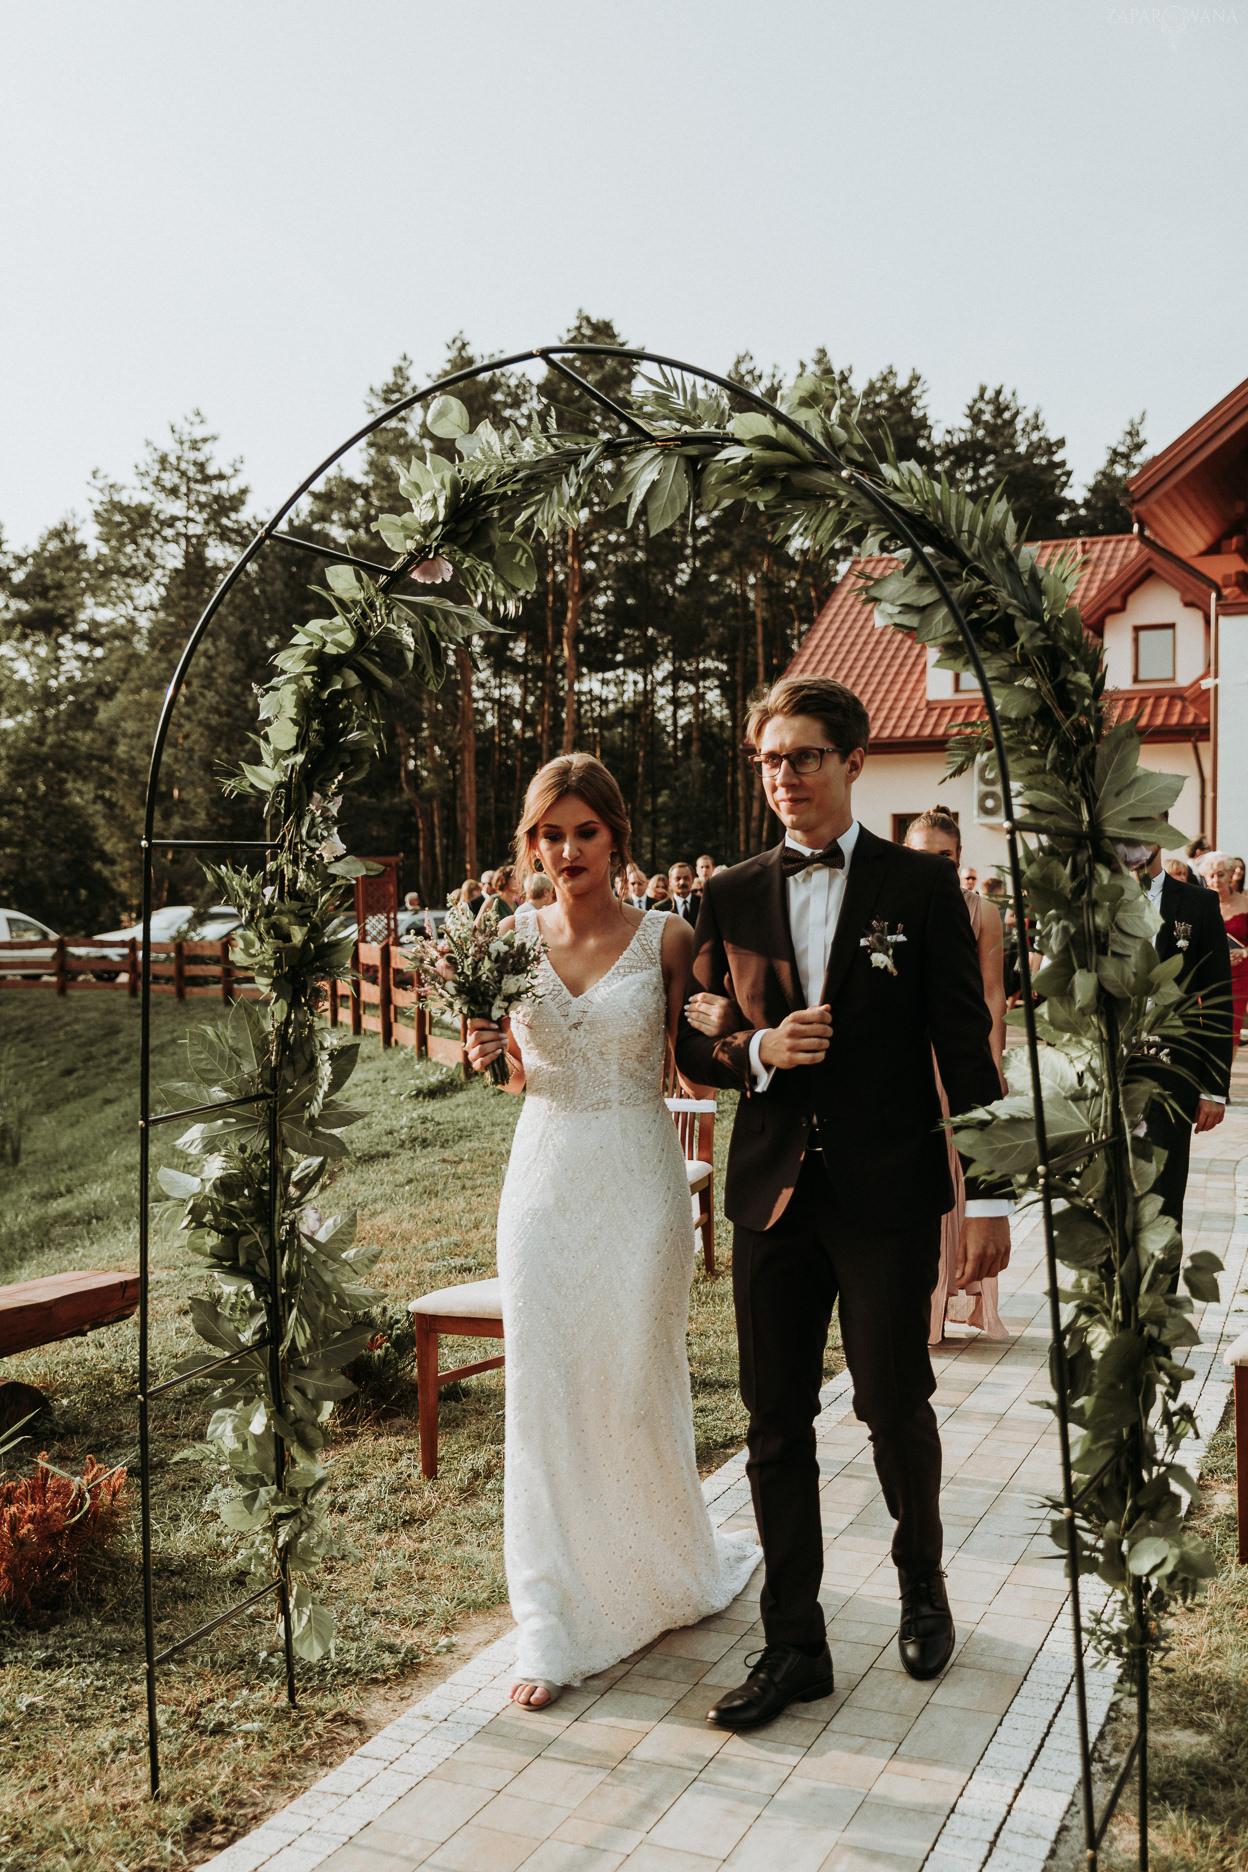 036 - ZAPAROWANA - Ślub A-A